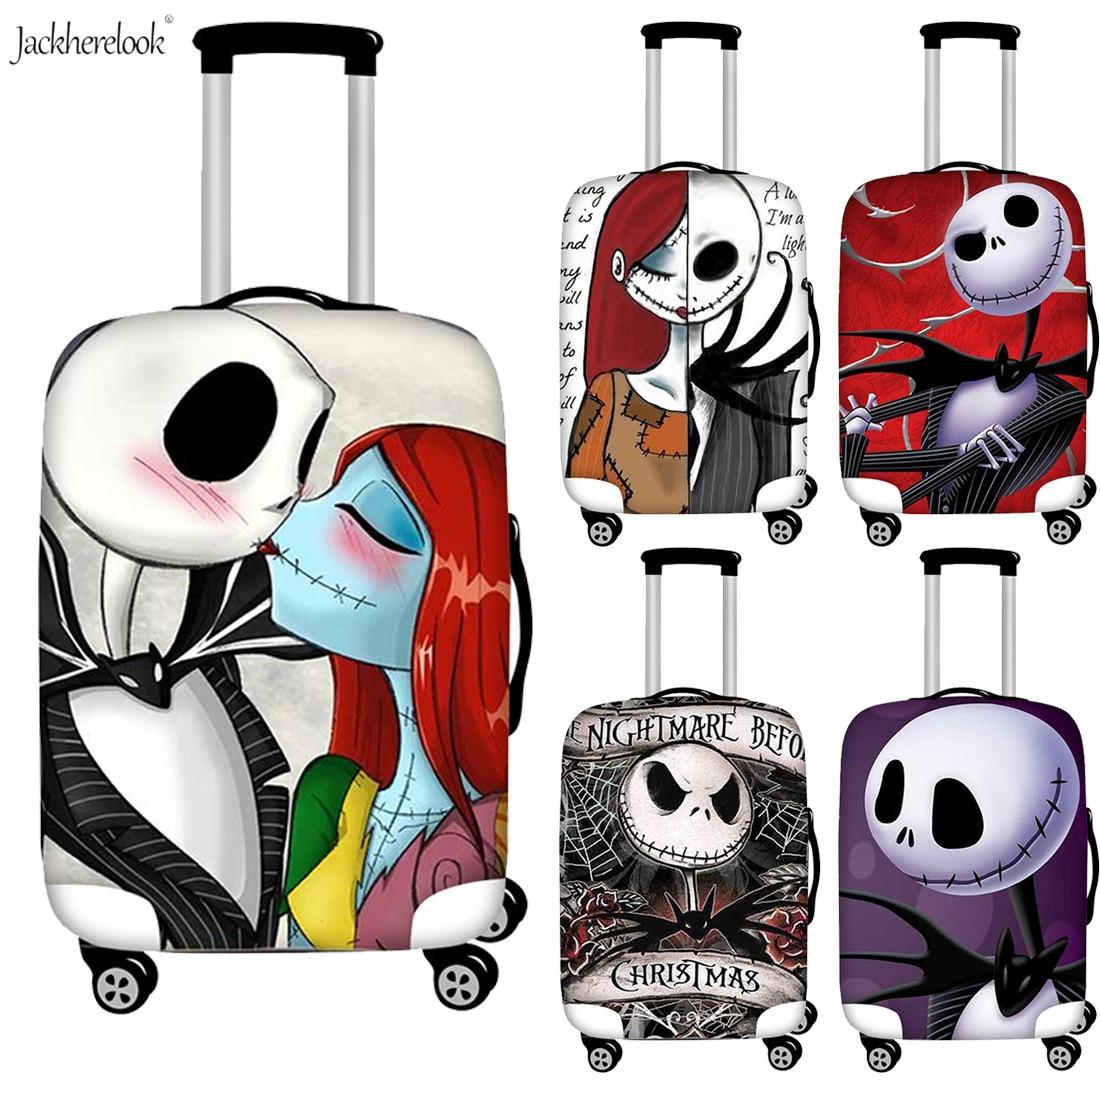 Jackherelook Elastic Suitcase Dustproof Cover The Nightmare Before Chrismas Printed Luggage Bag Sheet Outdoor Baggage Bag Covers